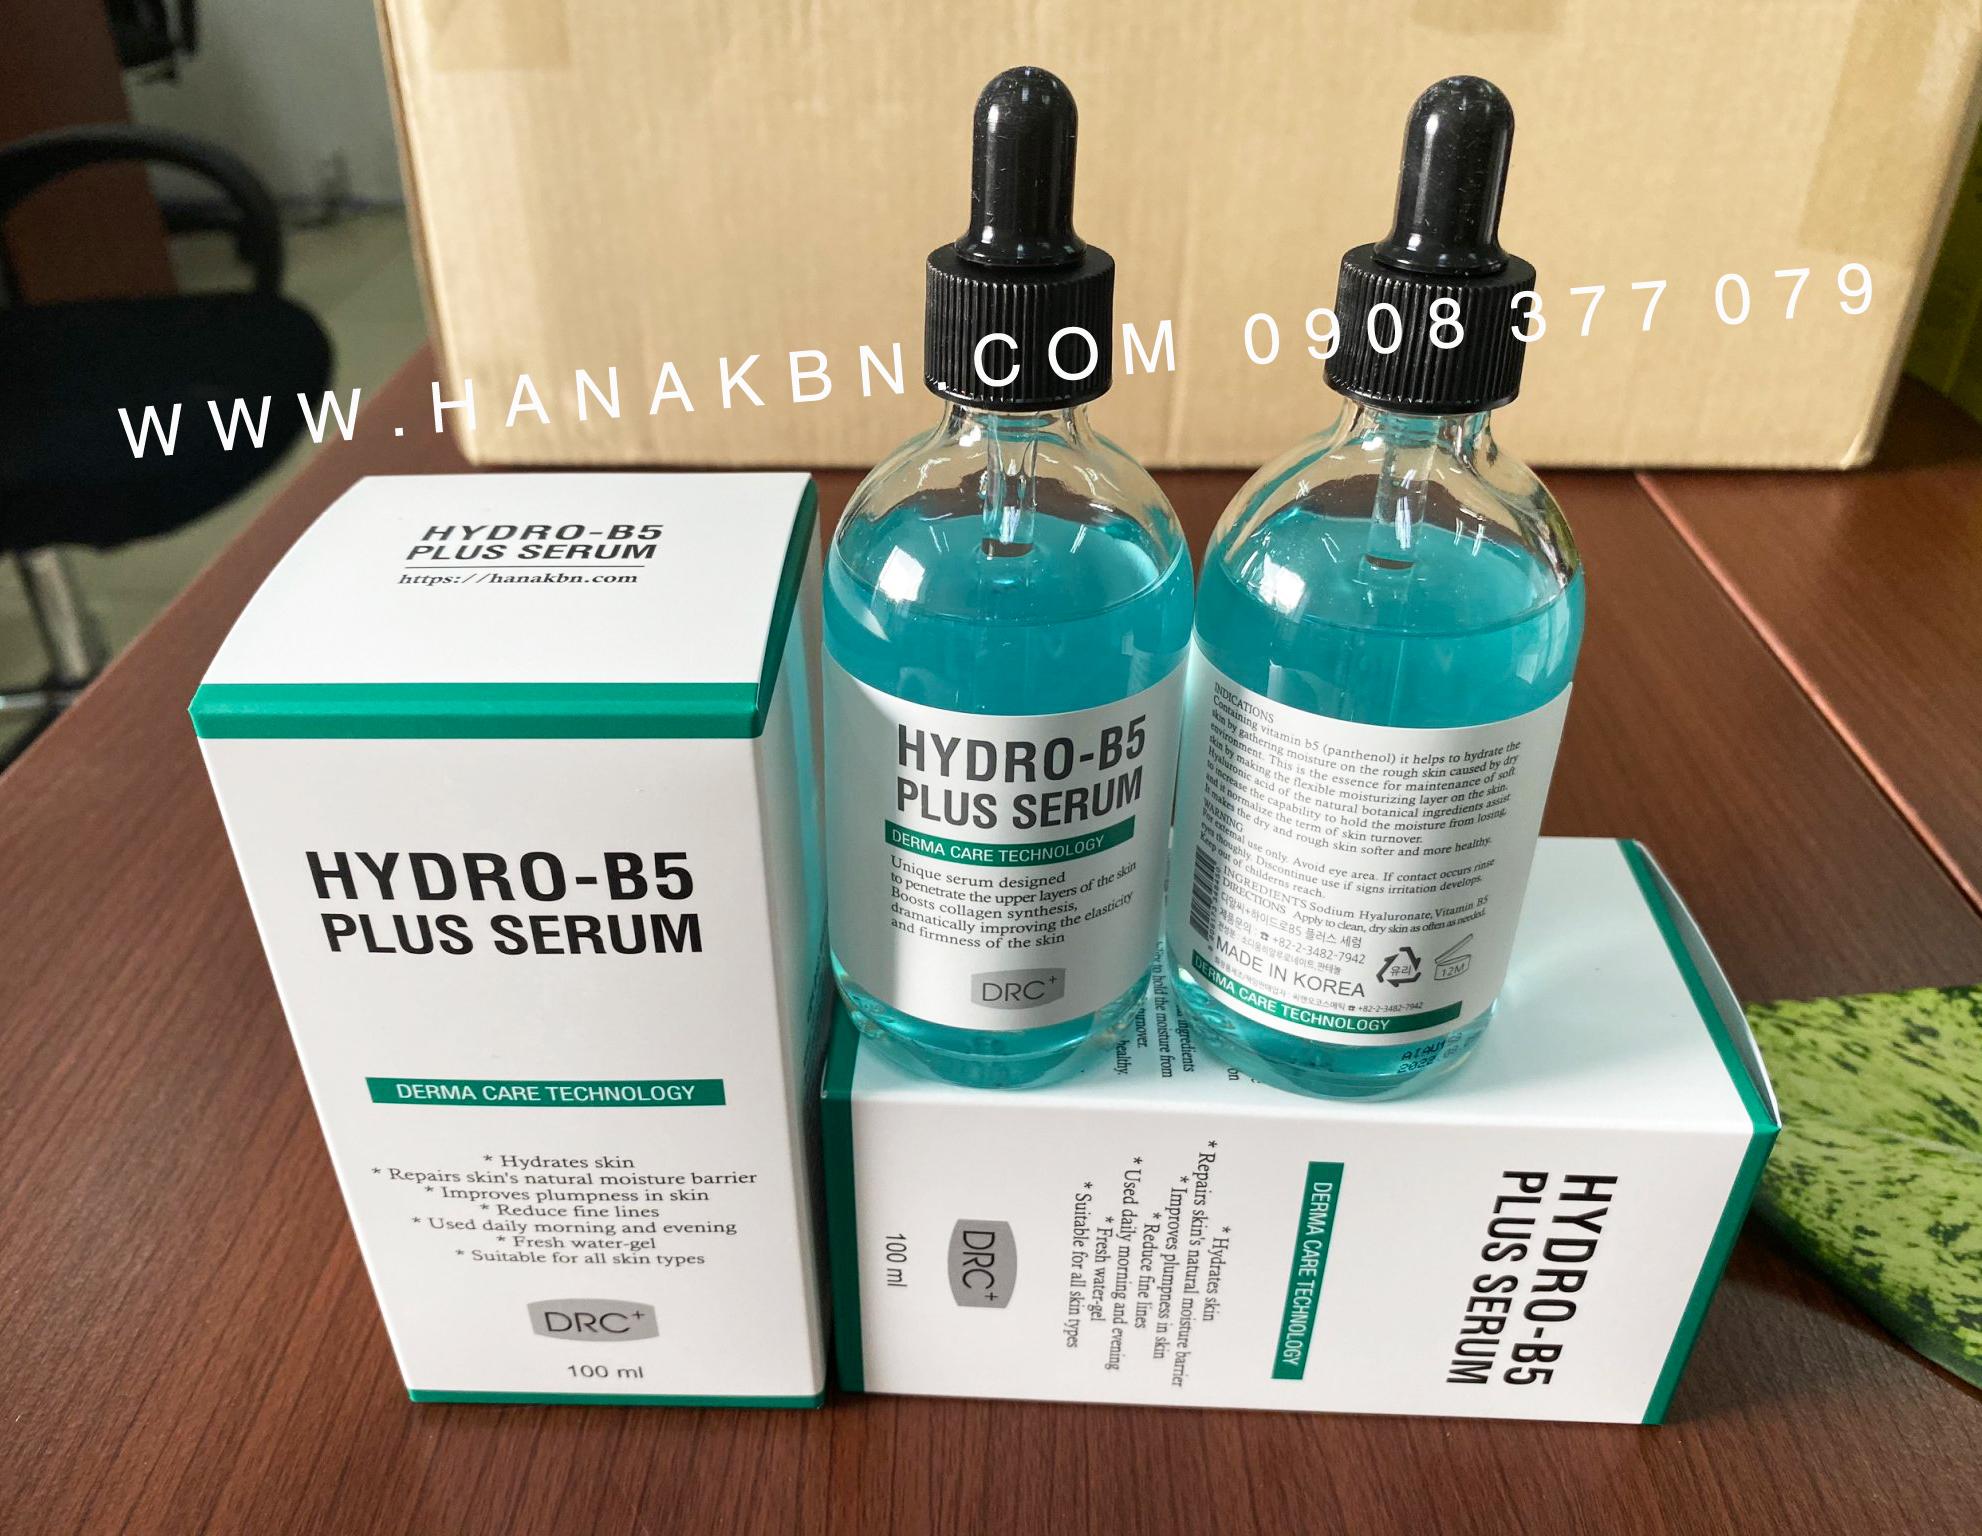 Serum dưỡng ẩm Hydro B5 Plus - Tinh chất dưỡng ẩm Nhãn hiệu DRC PLUS |  MuaDoTot.com